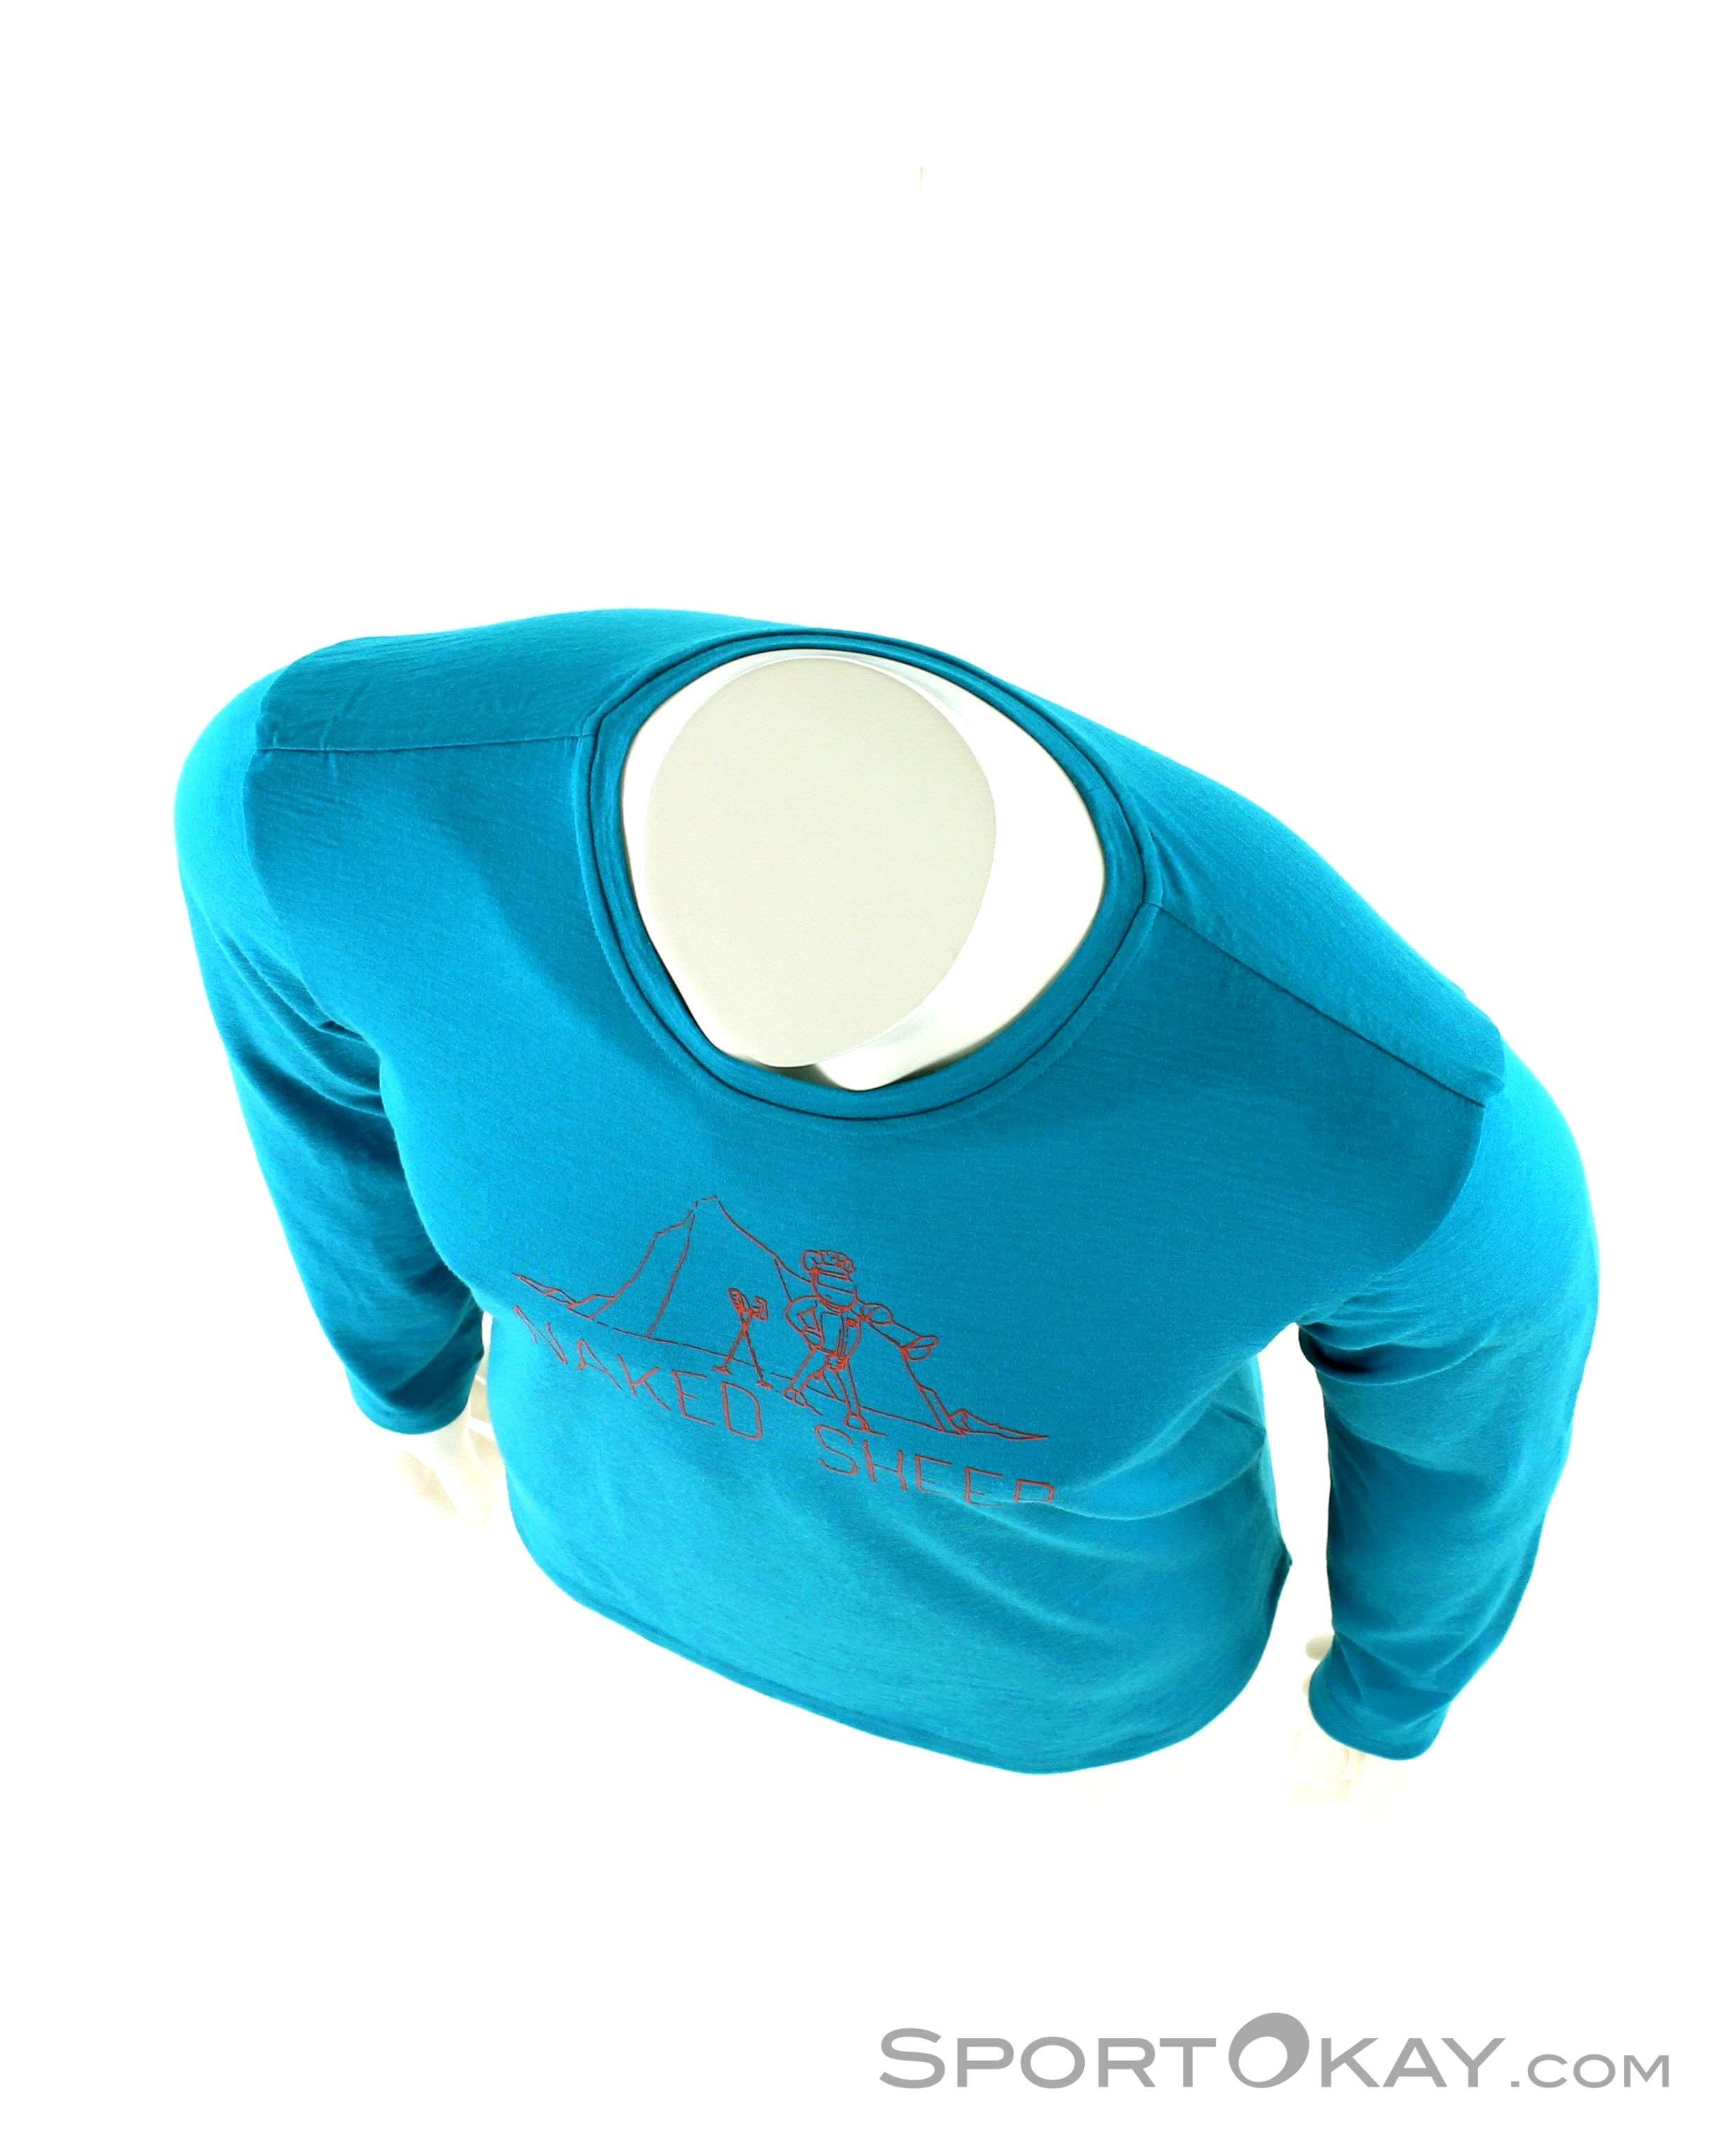 145 Ls Abbigliamento Maglia Funzionale Ortovox Sheep Naked Uomo gwdvS8Sq